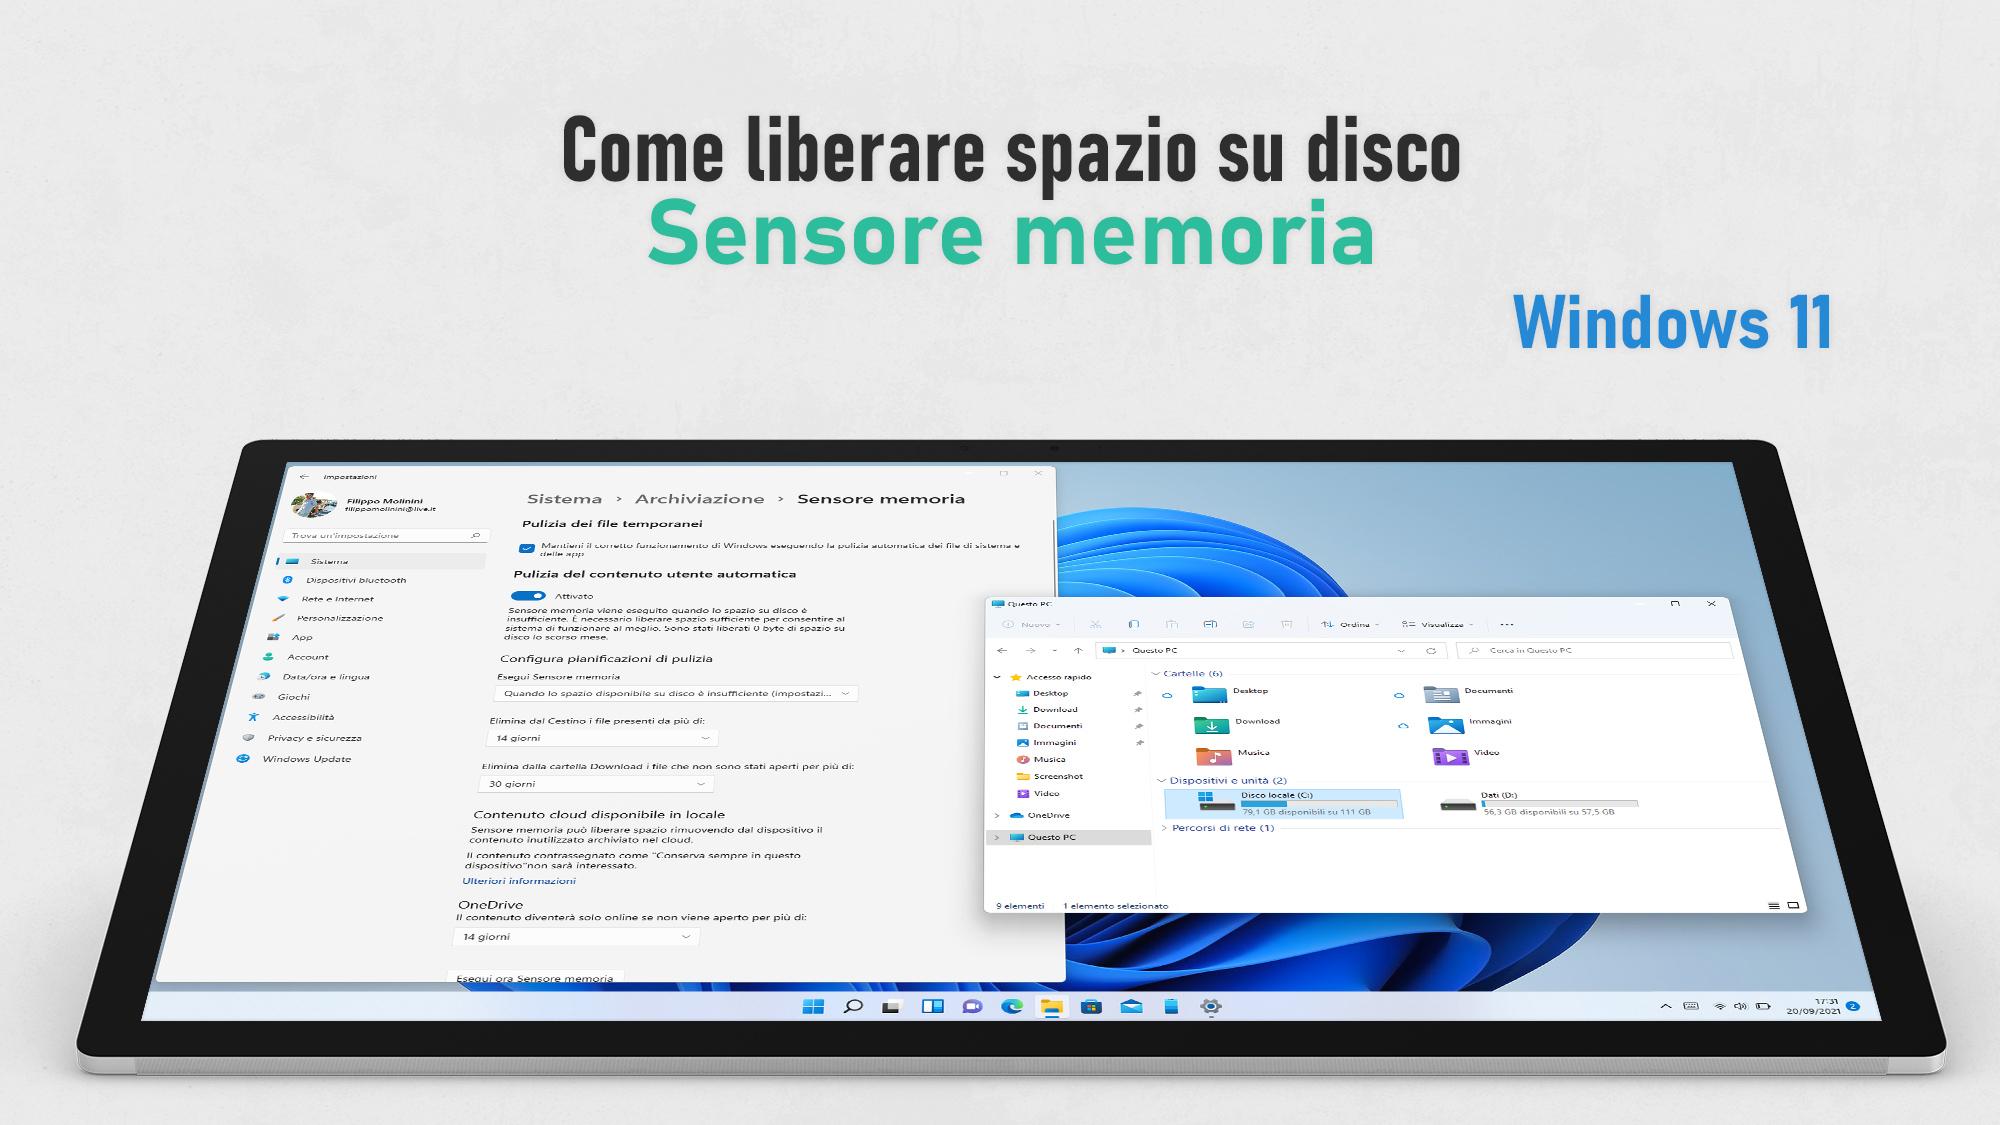 Windows 11 - Come liberare spazio su disco con Sensore memoria